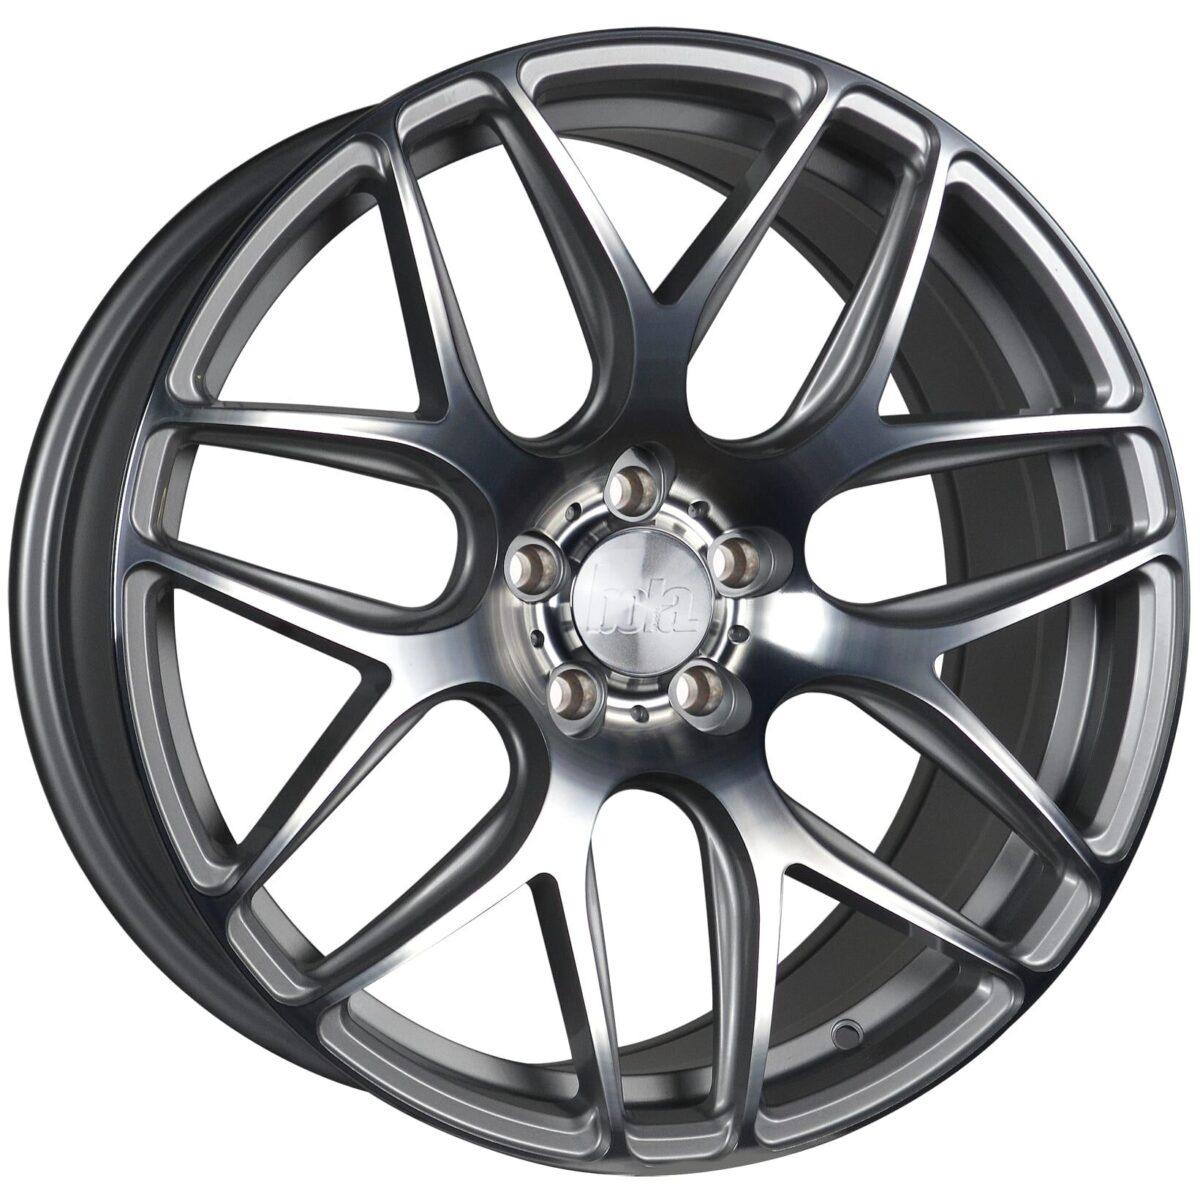 """18"""" BOLA B8R Wheels - Silver Polished Face - All BMW Models"""